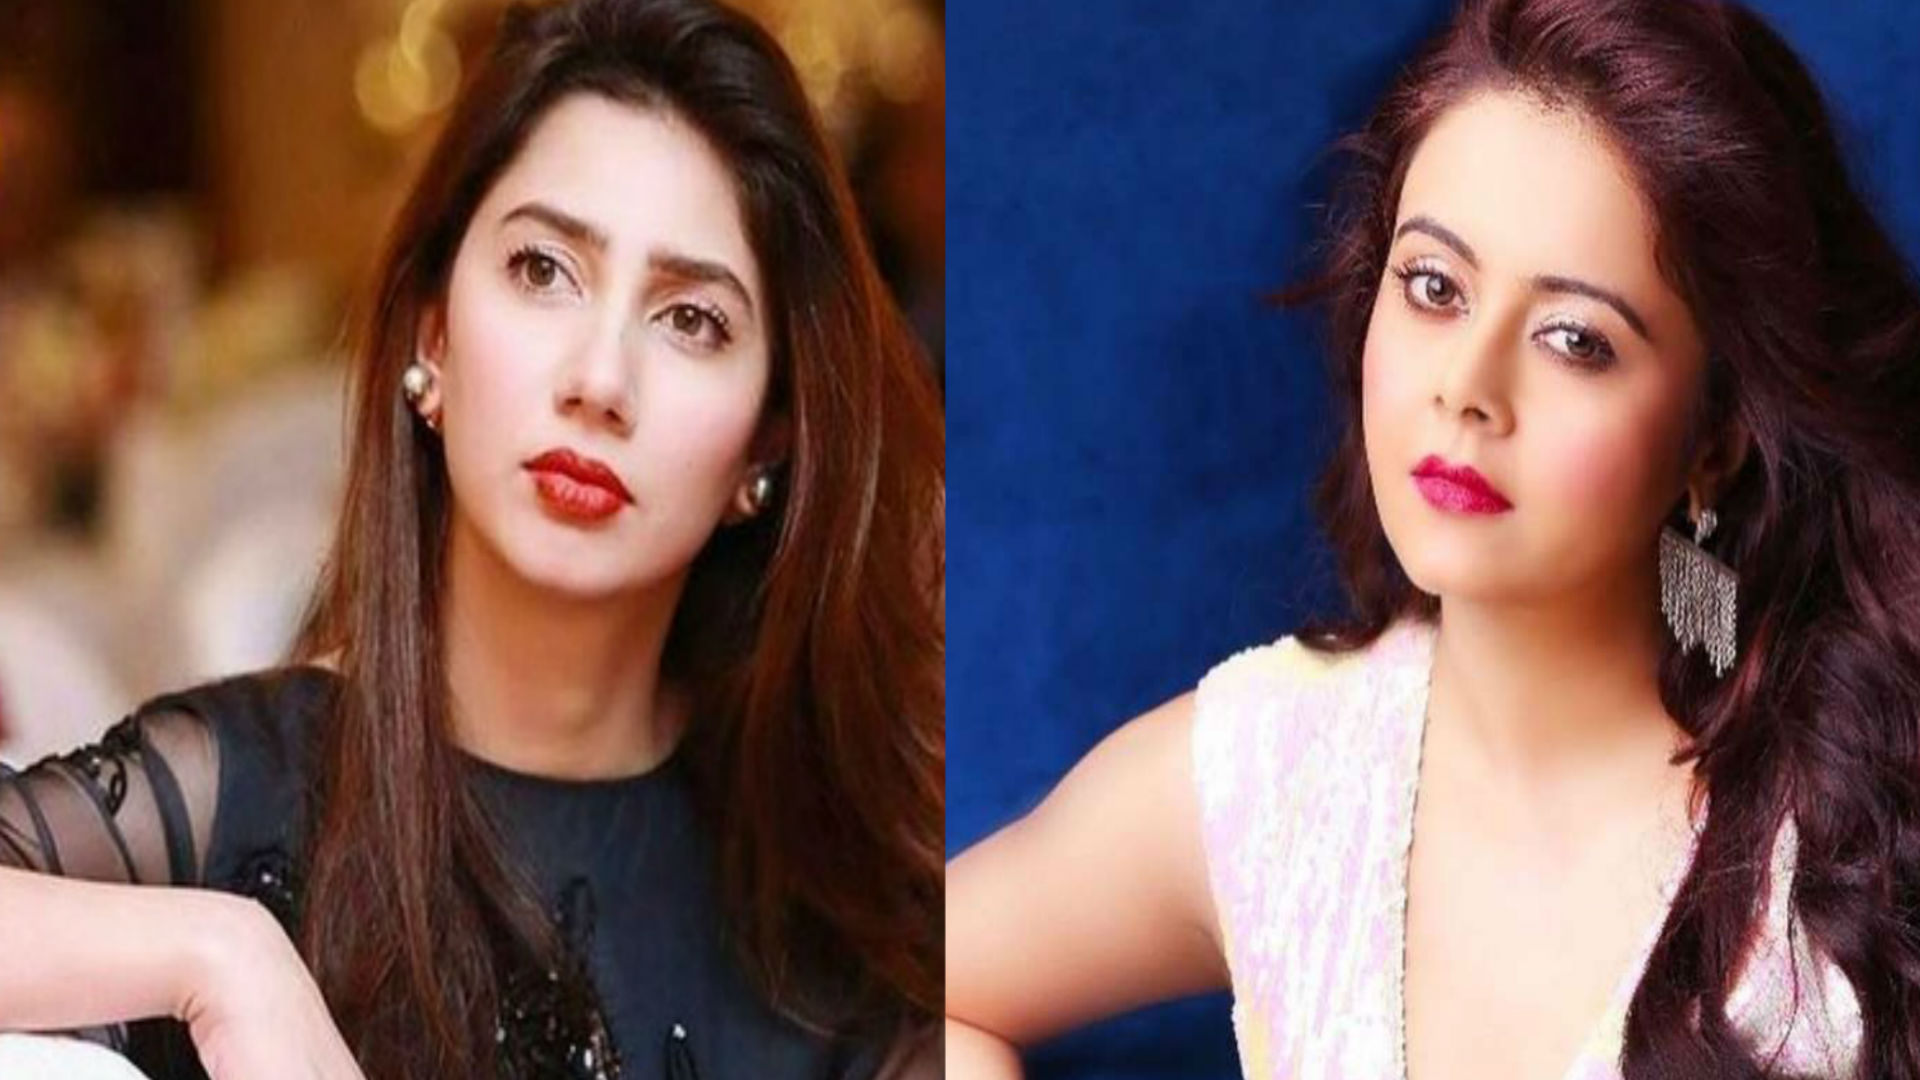 पाकिस्तान का सपोर्ट करने पर गोपी बहू देवोलीना भट्टाचार्जी ने दिया माहिरा खान को करारा जवाब, फैंस ने कहा- वाह